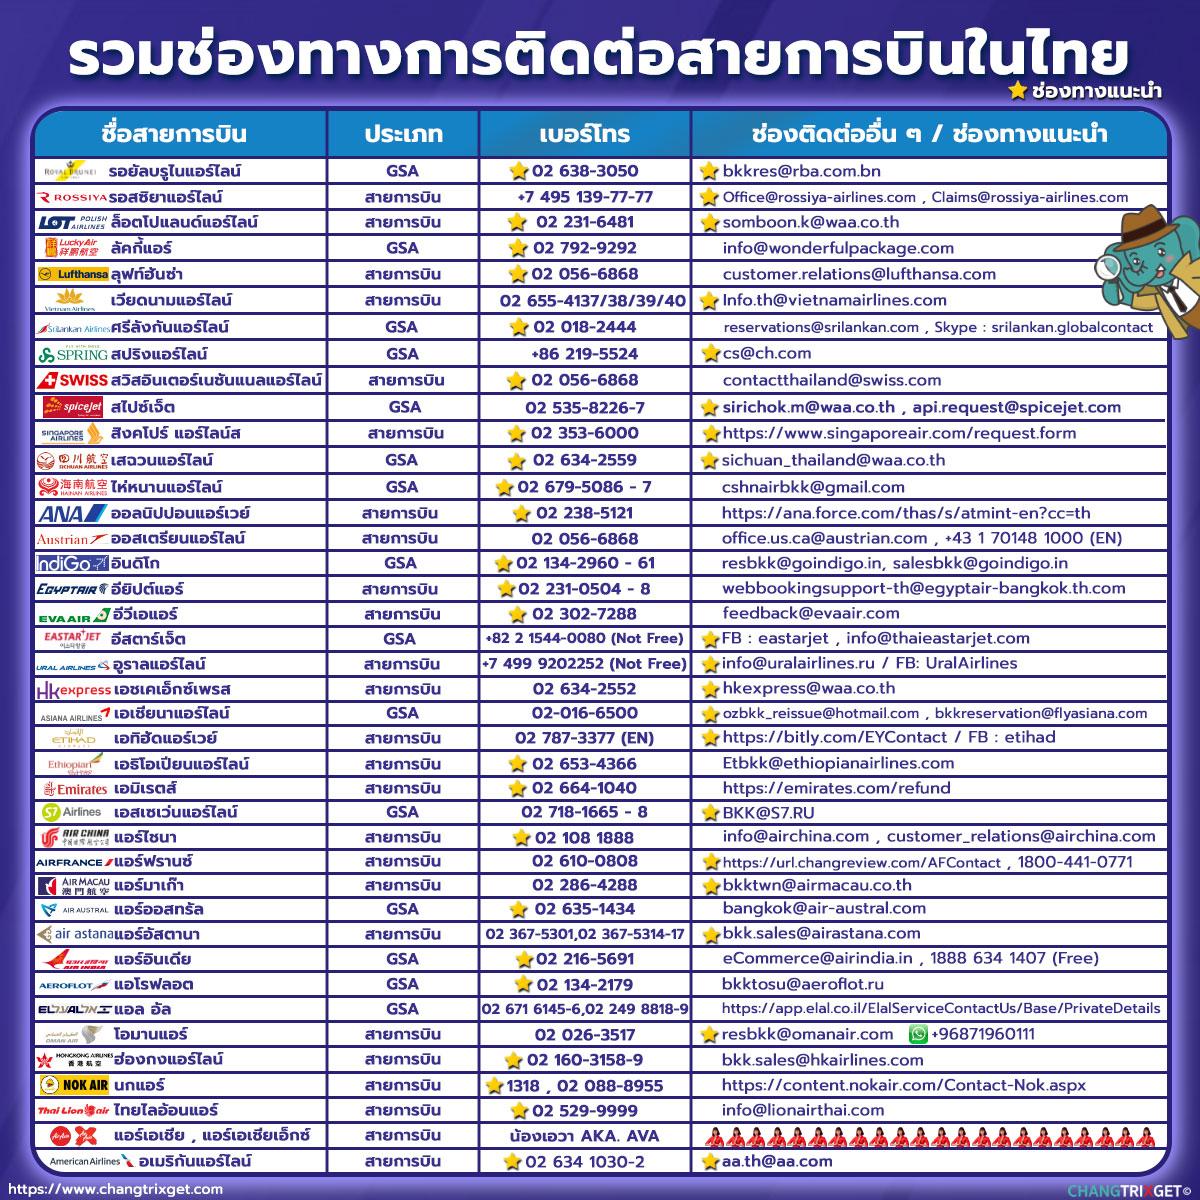 เบอร์ติดต่อ สายการบิน ที่มีฐานการบินเข้า-ออกจากไทย รวมเบอร์โทร อีเมล์ ทุกสาย